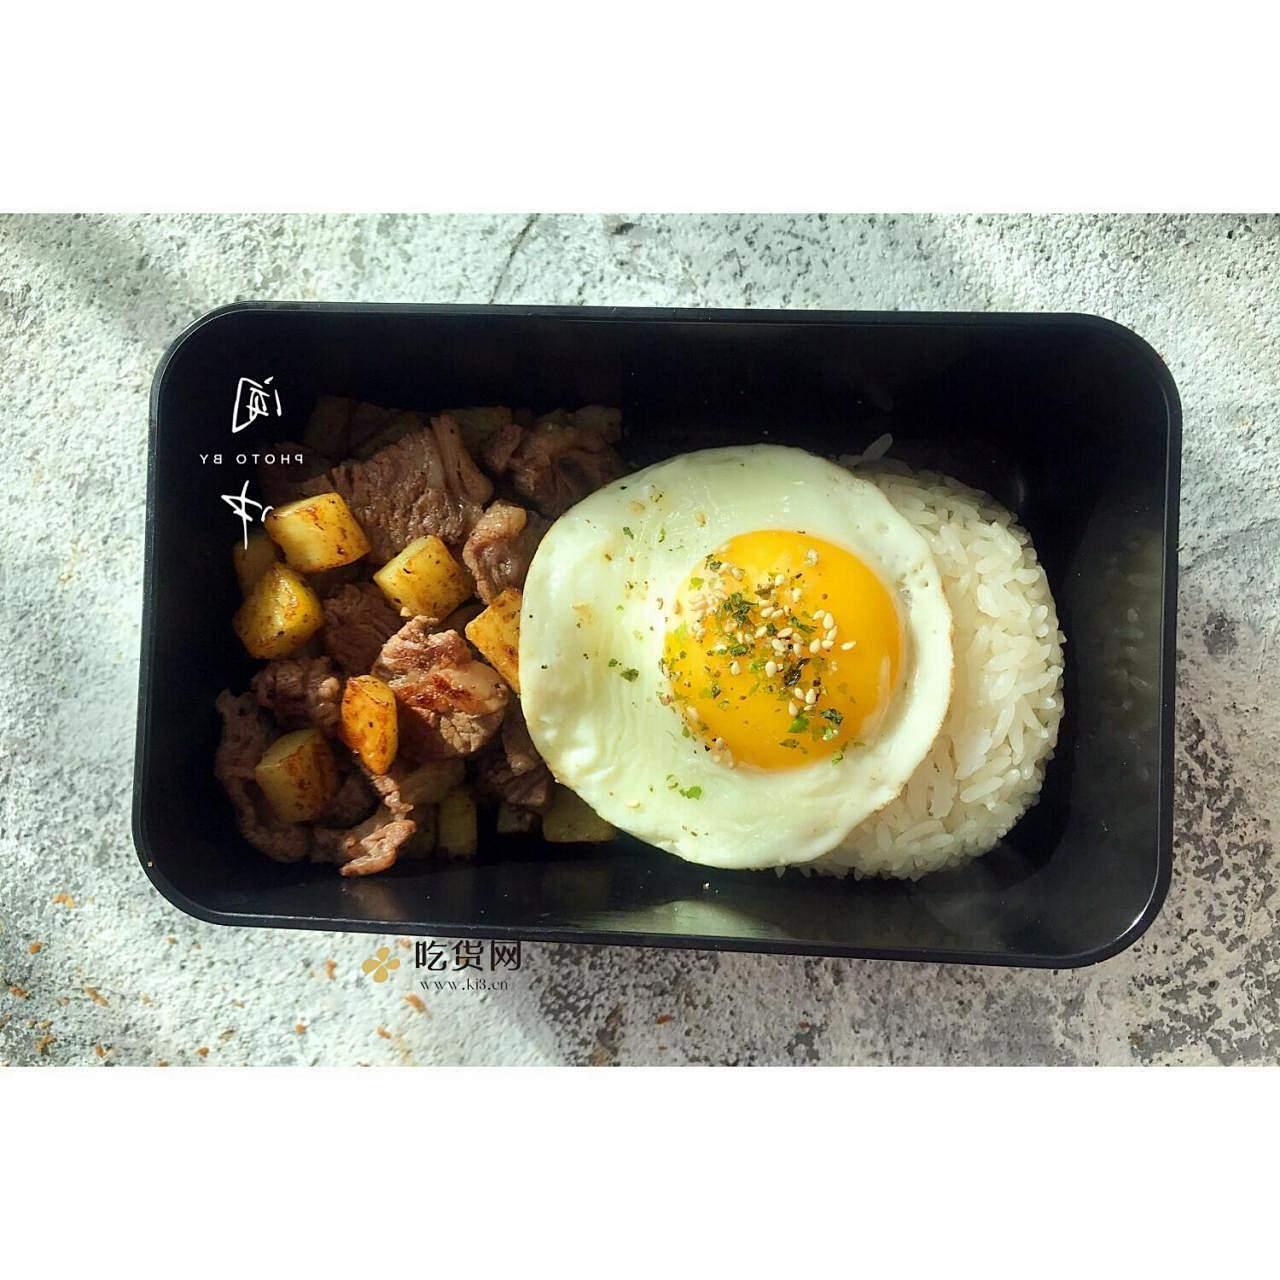 眼肉牛排便当®SUNVALLEY®太阳谷牛排攻略的做法 步骤9